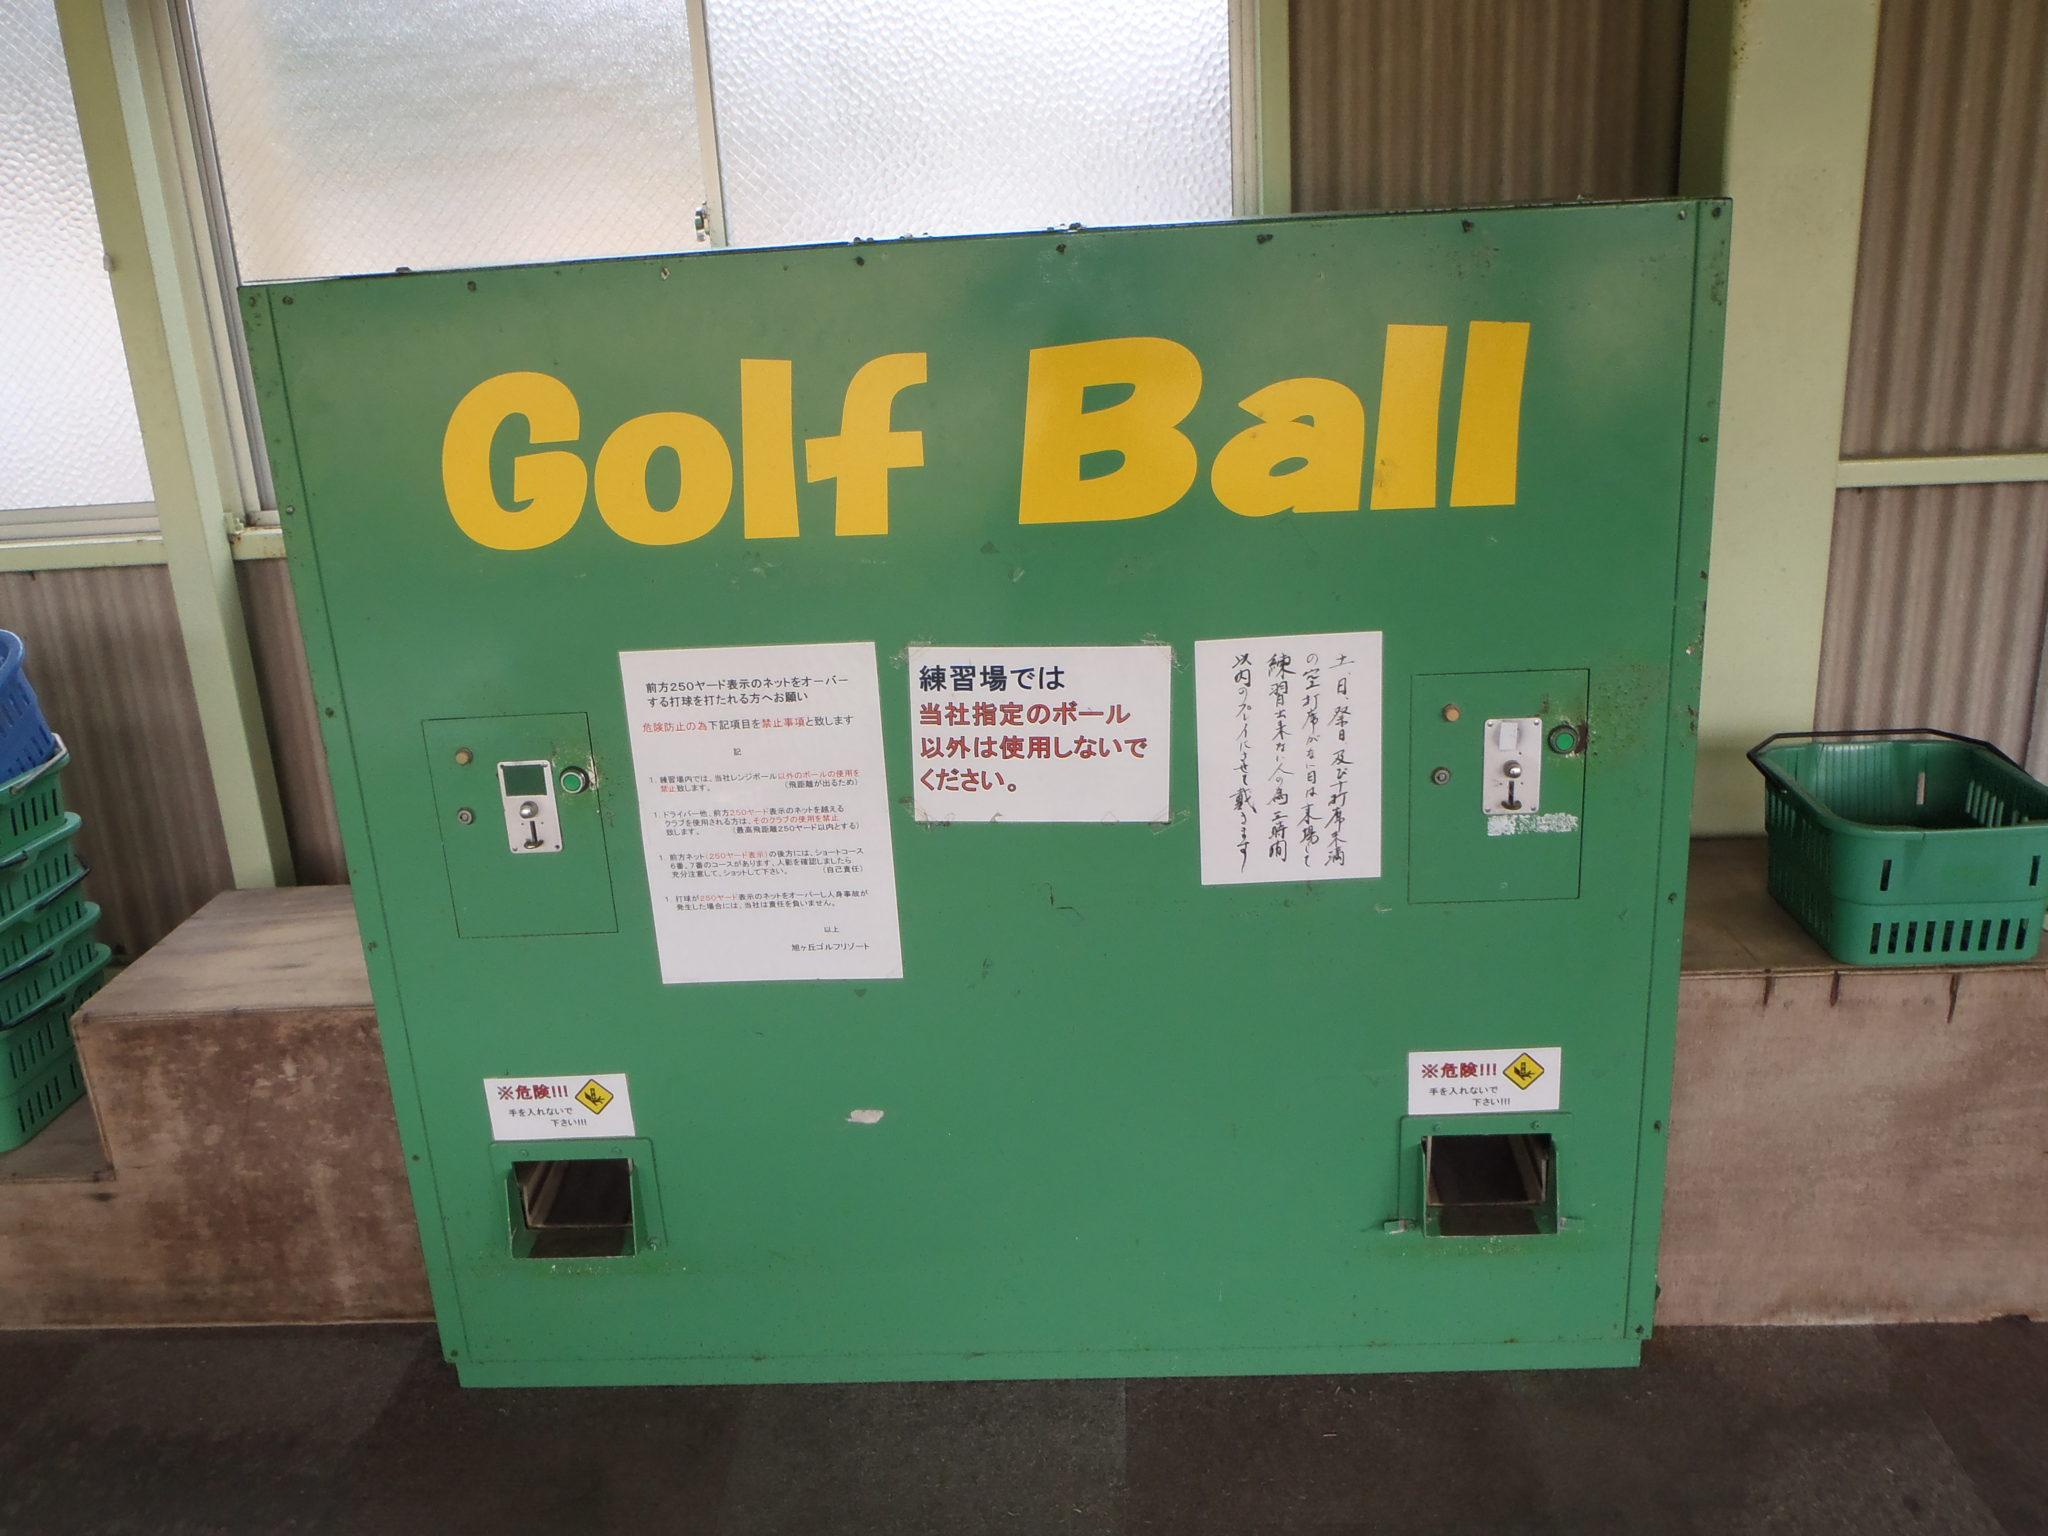 ボール販売機入替工事 image5